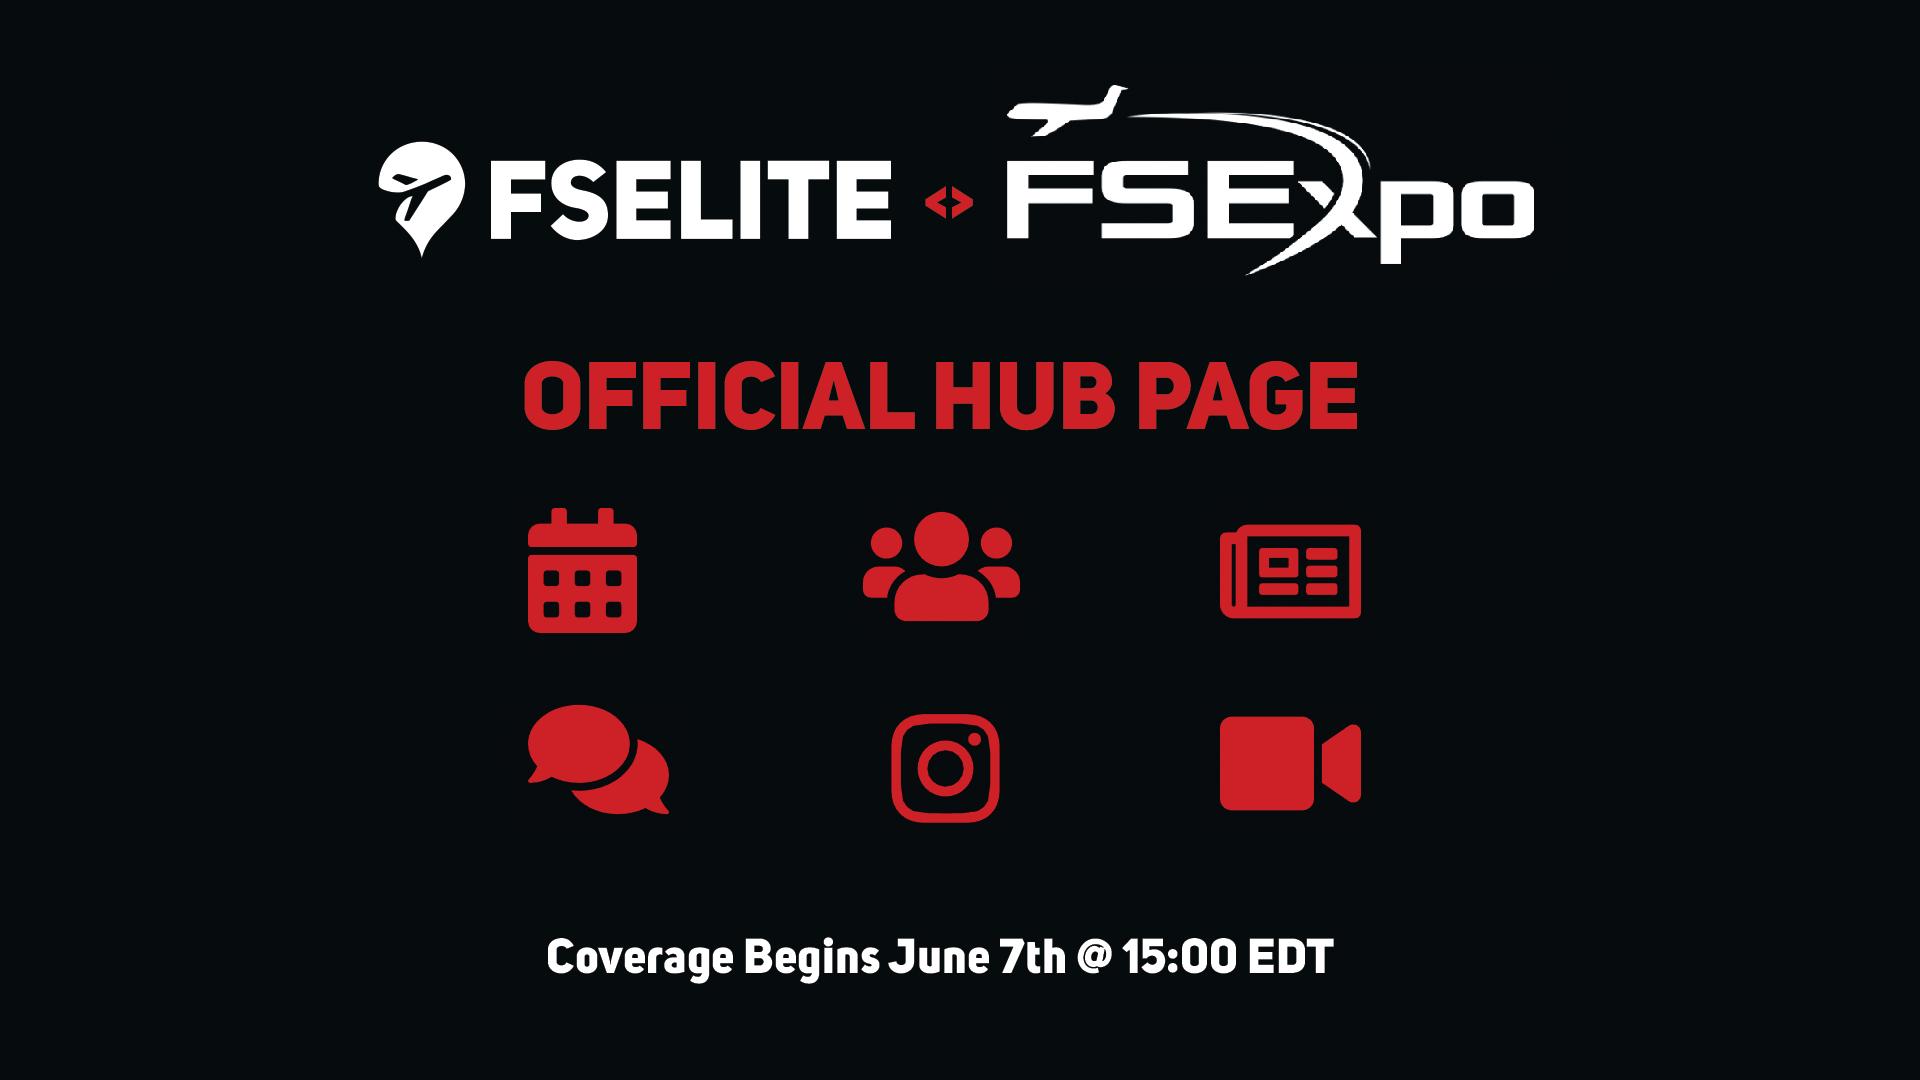 FSEXPO Fselite Hub Banner